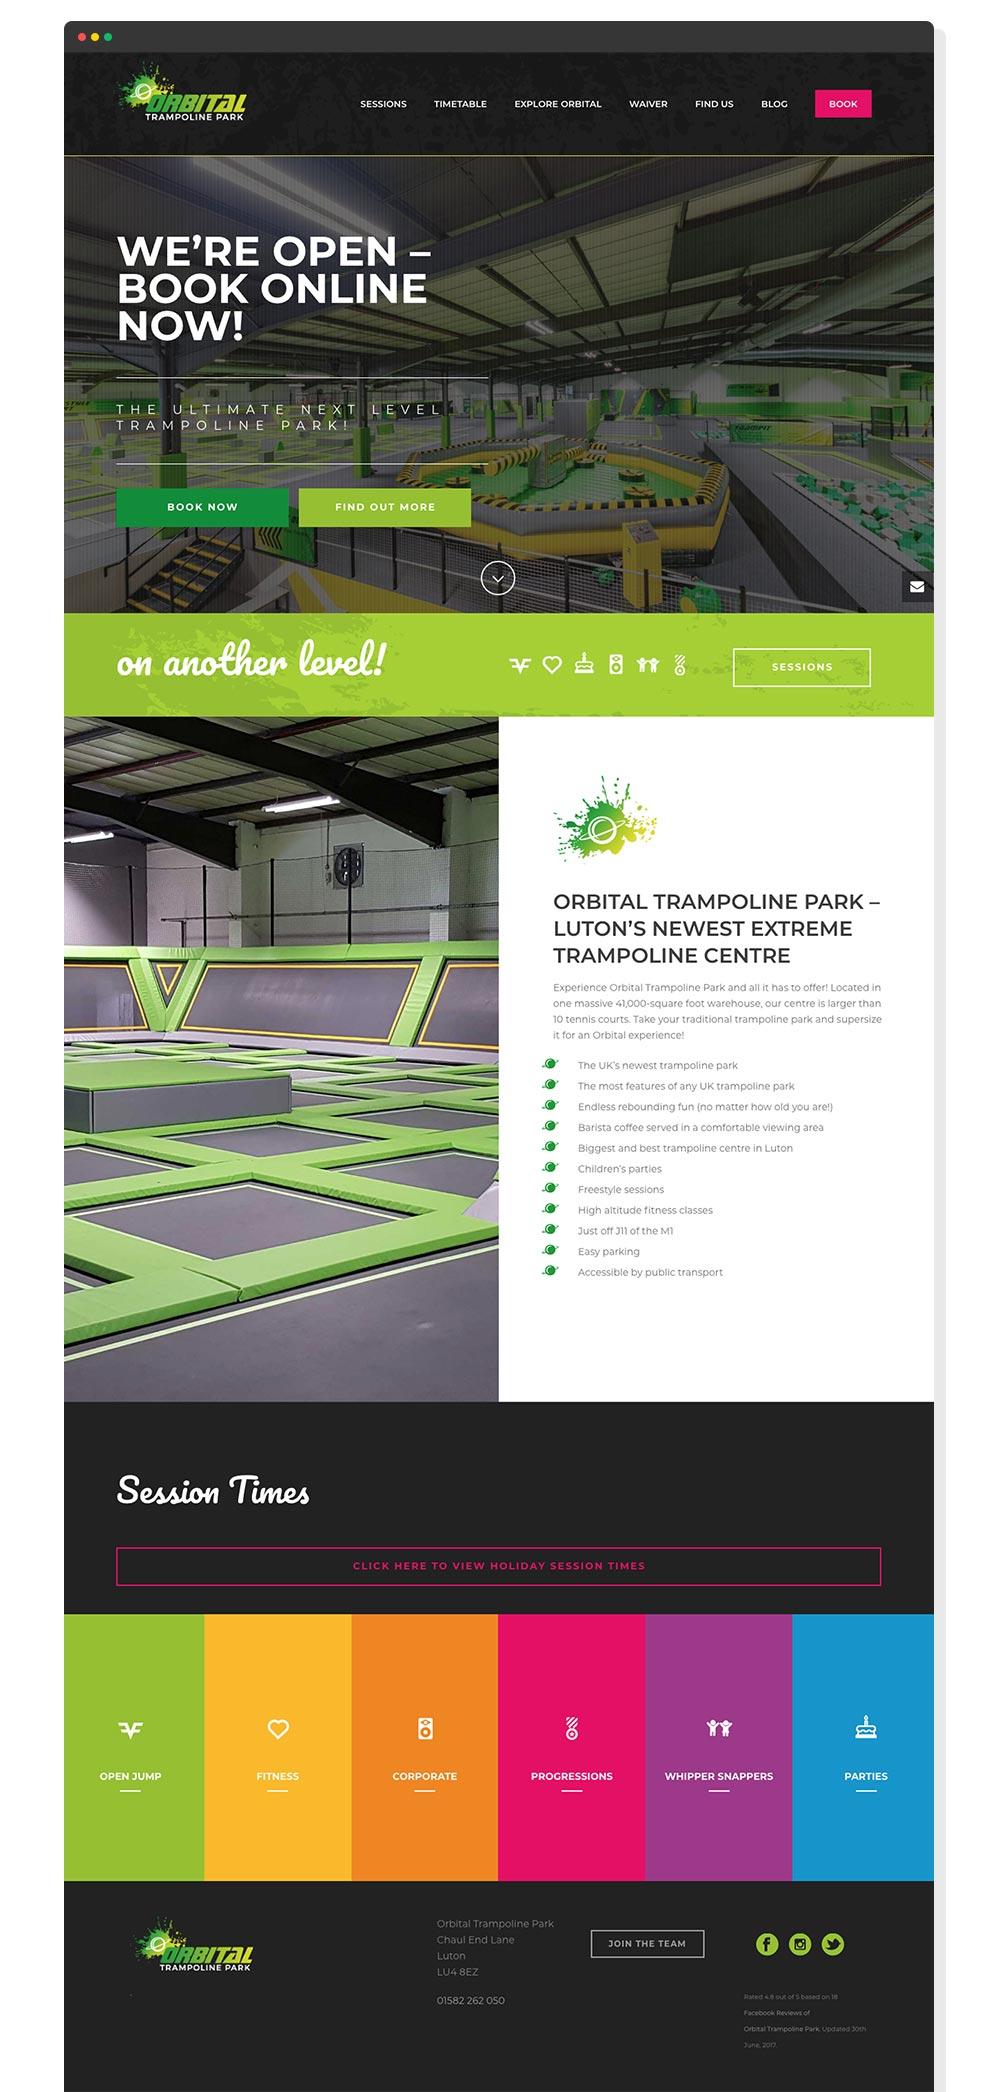 Orbital Trampoline Park website